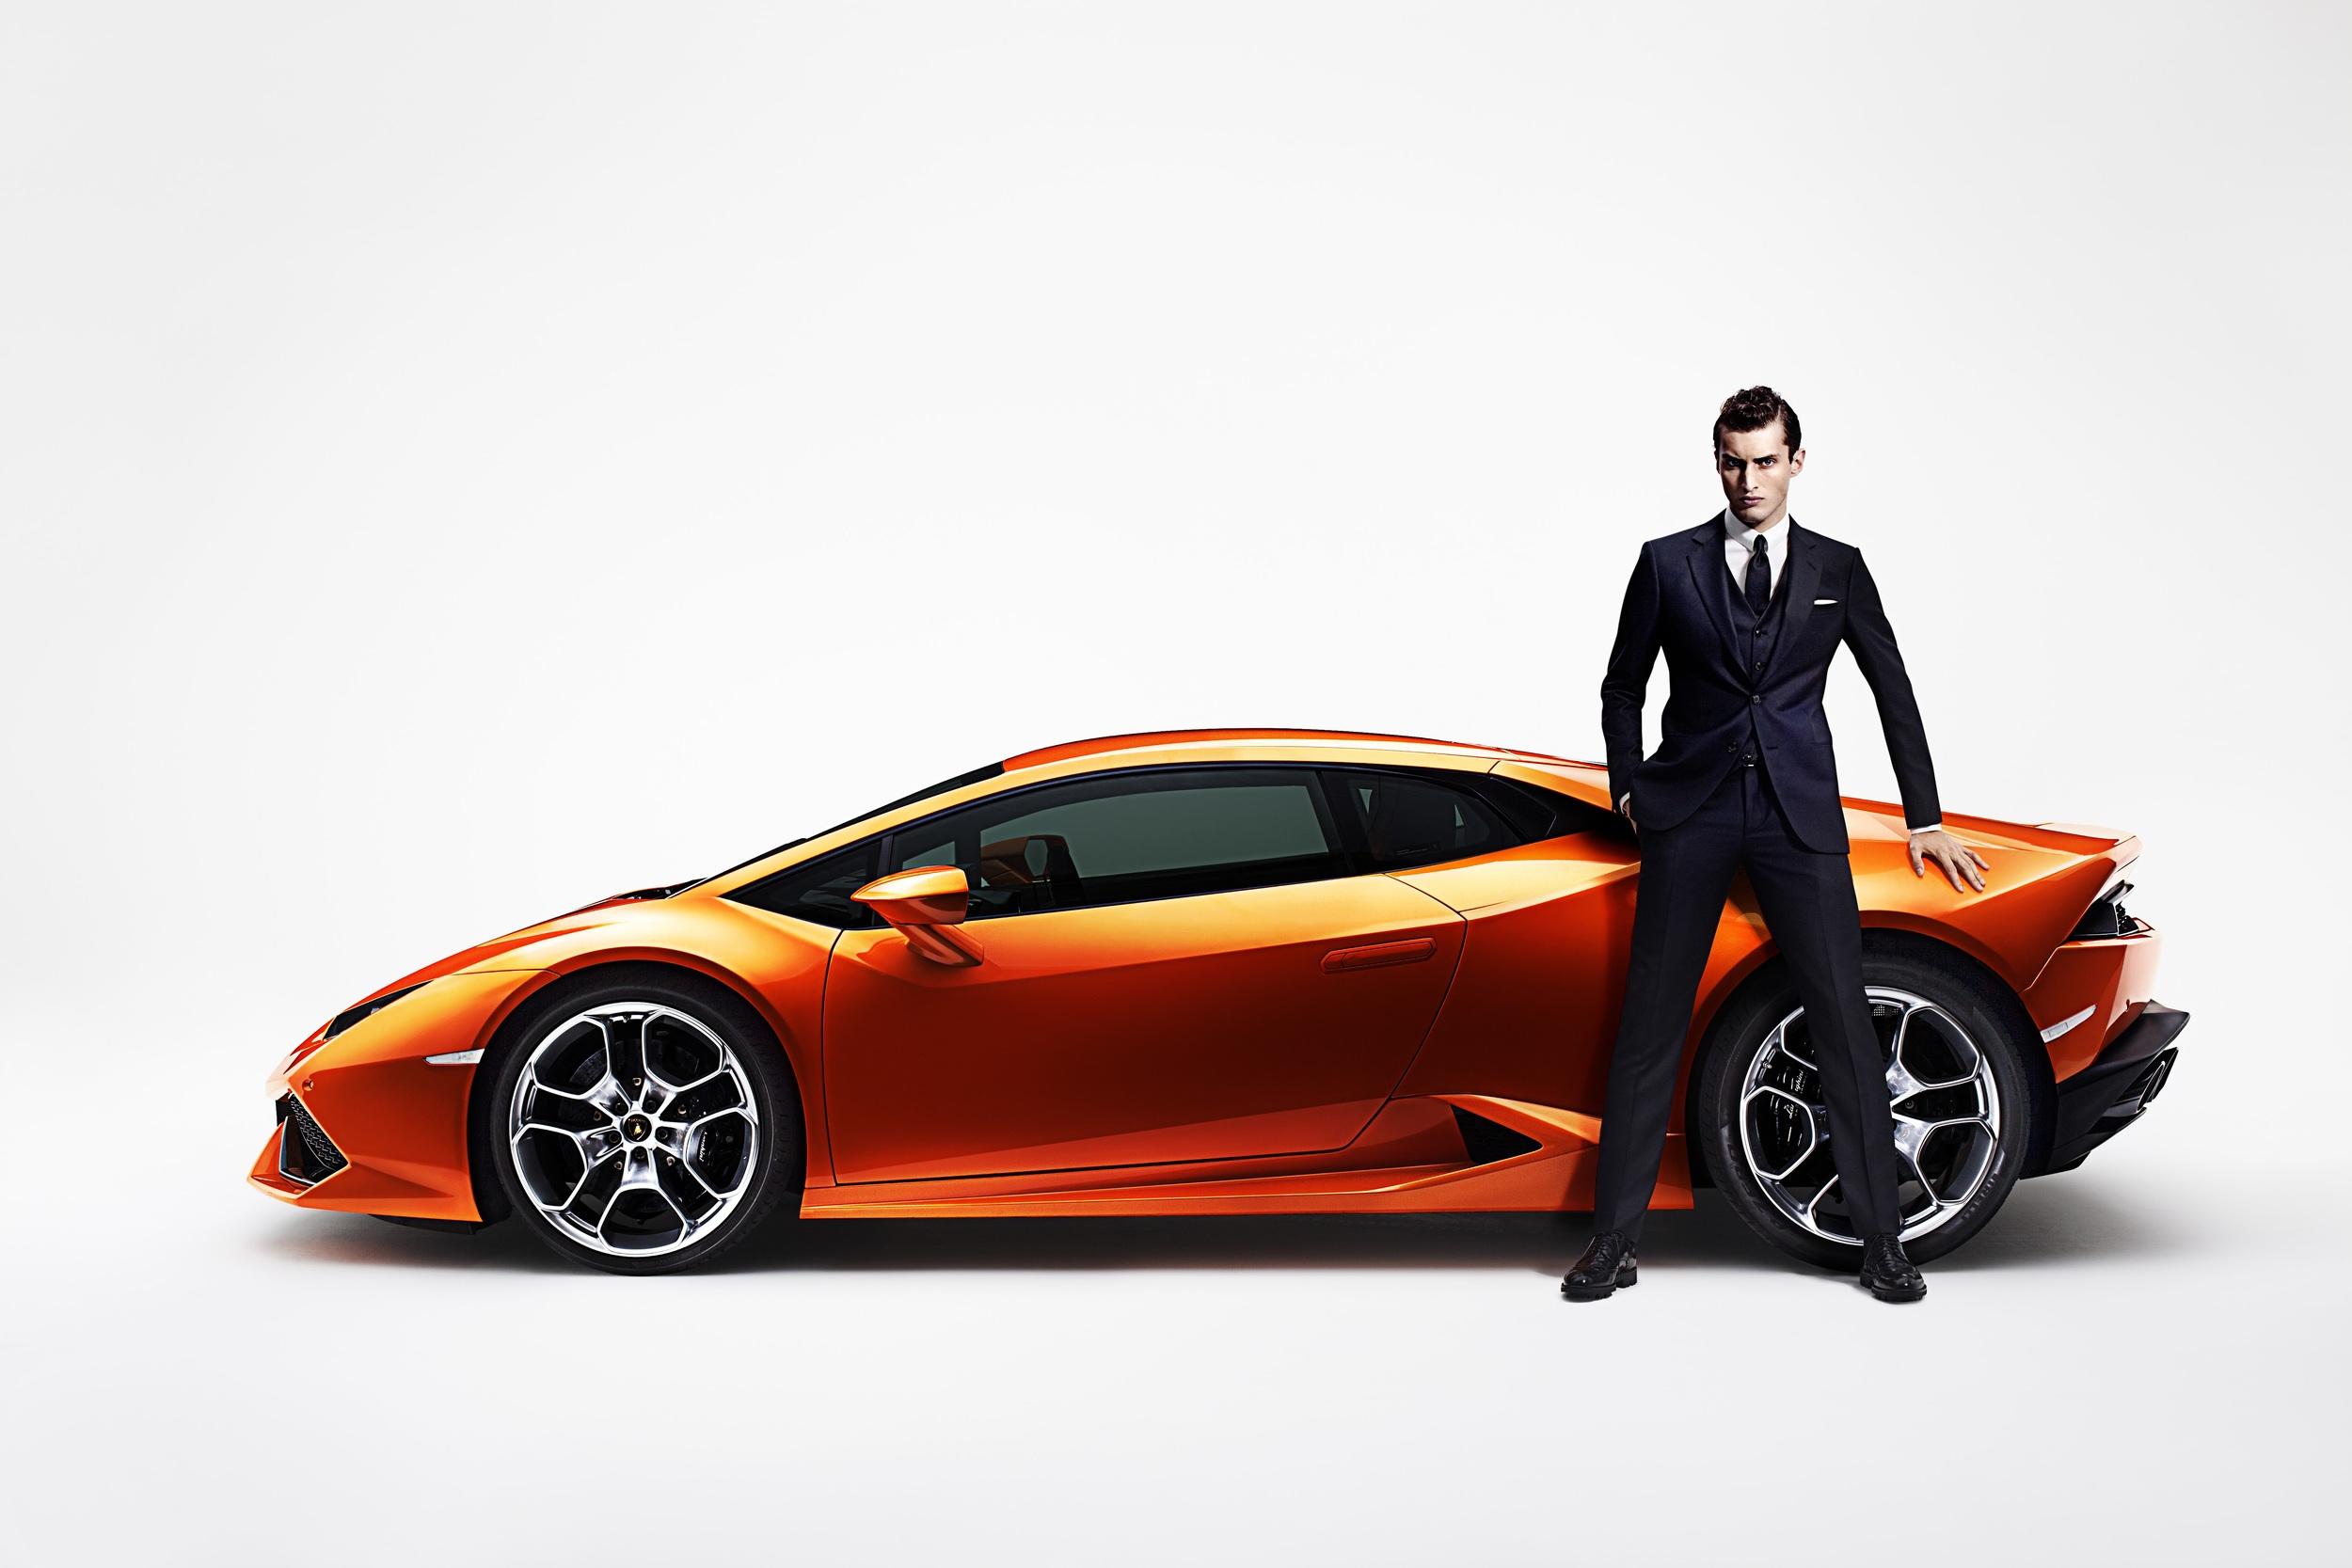 car_Lamborghini_formal33338.jpg